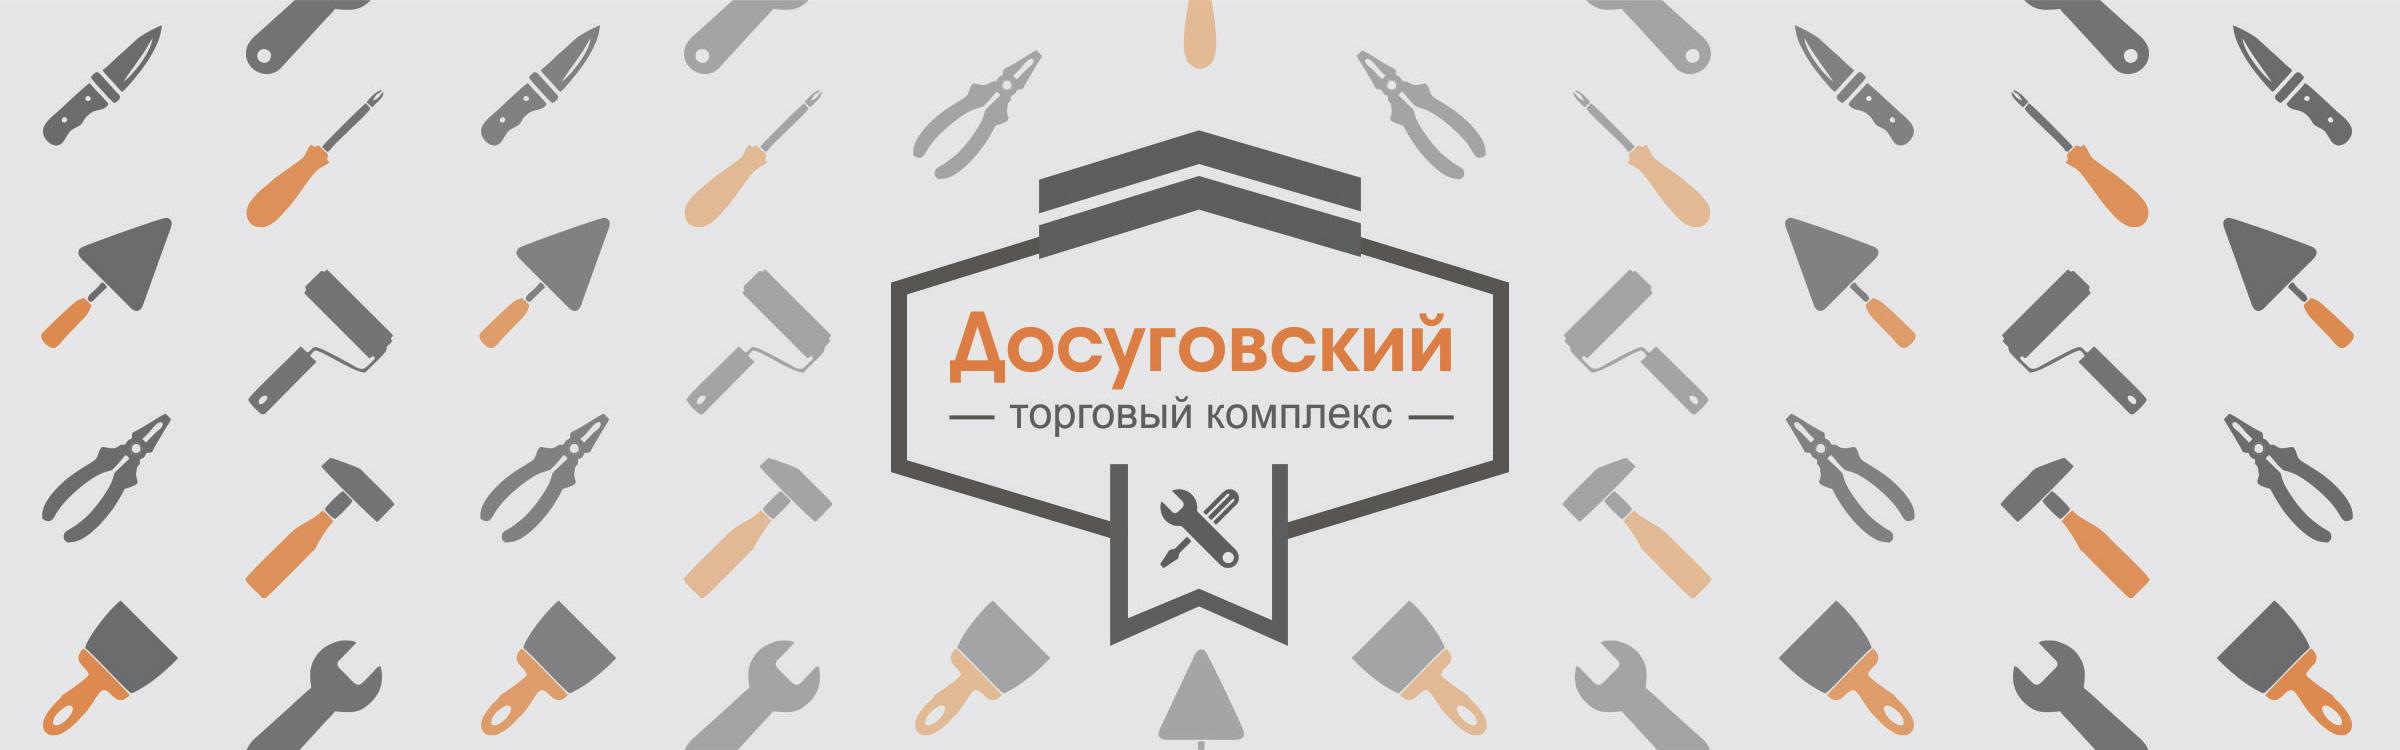 Строительный рынок 'ТК Досуговкий - Строительный рынок' в Смоленске. Главная страница